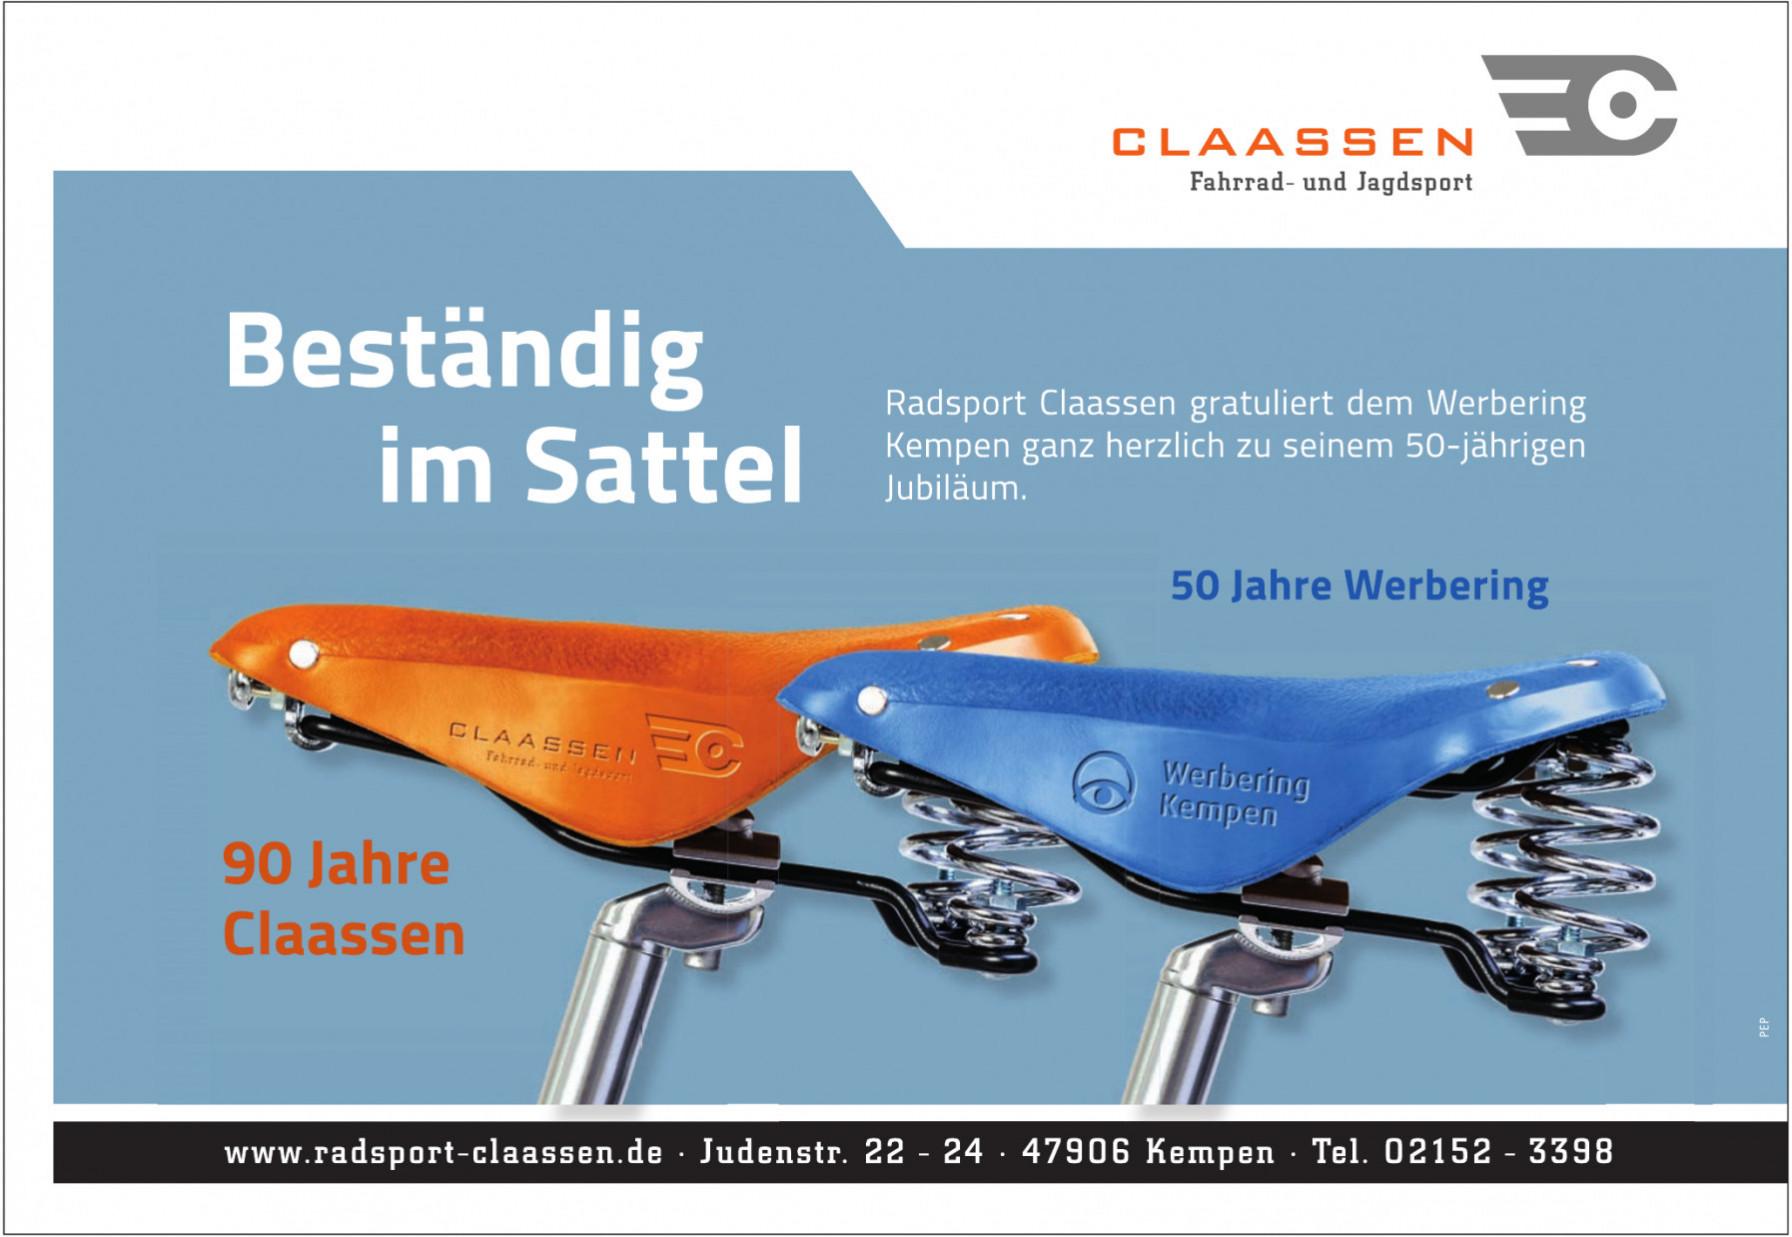 Radsport Claassen